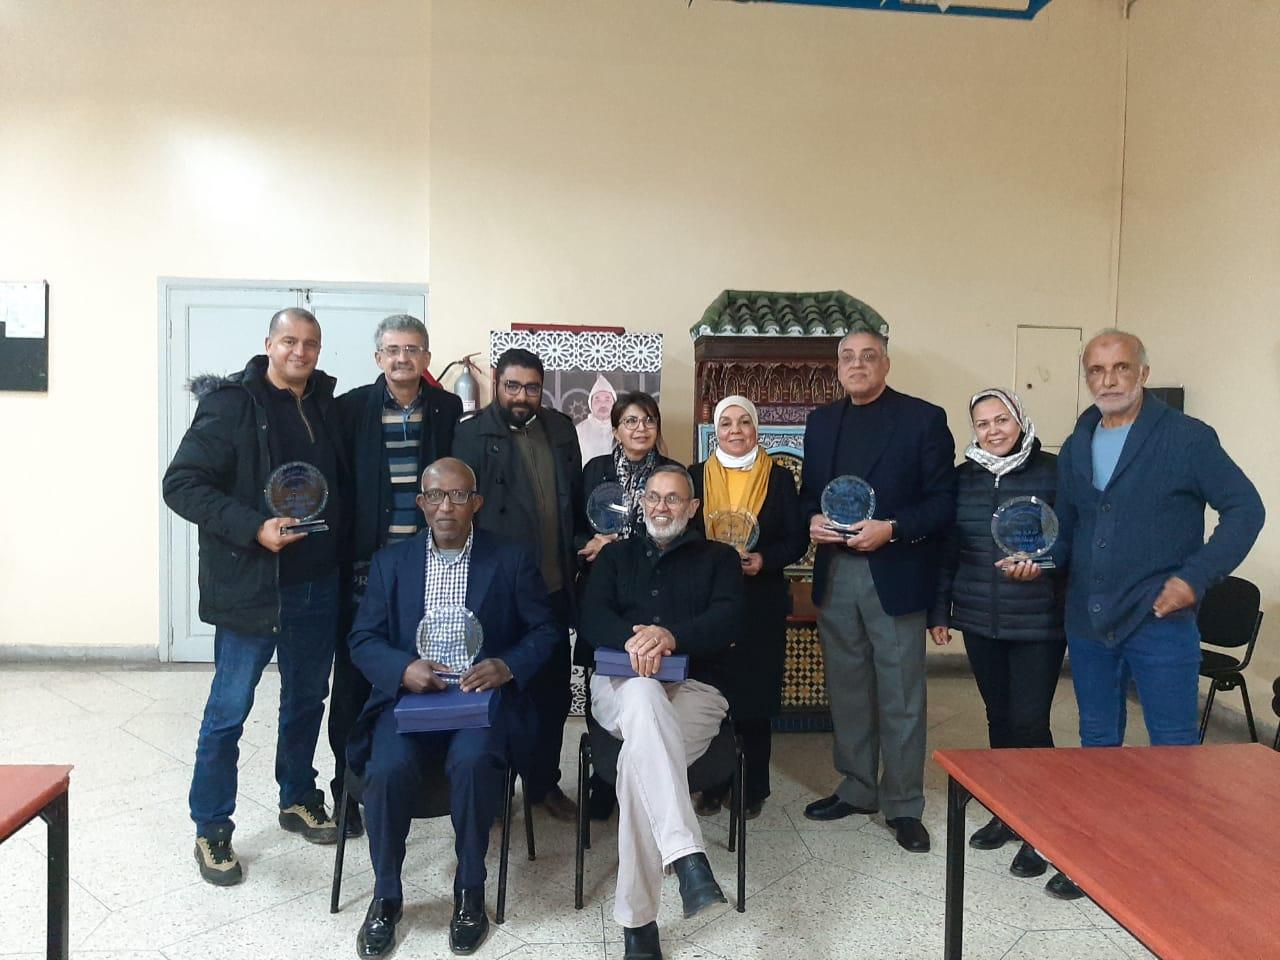 صورة جمعية قدماء المبارزين المغرب بالدارالبيضاء تعقد جمعها الإستثنائي